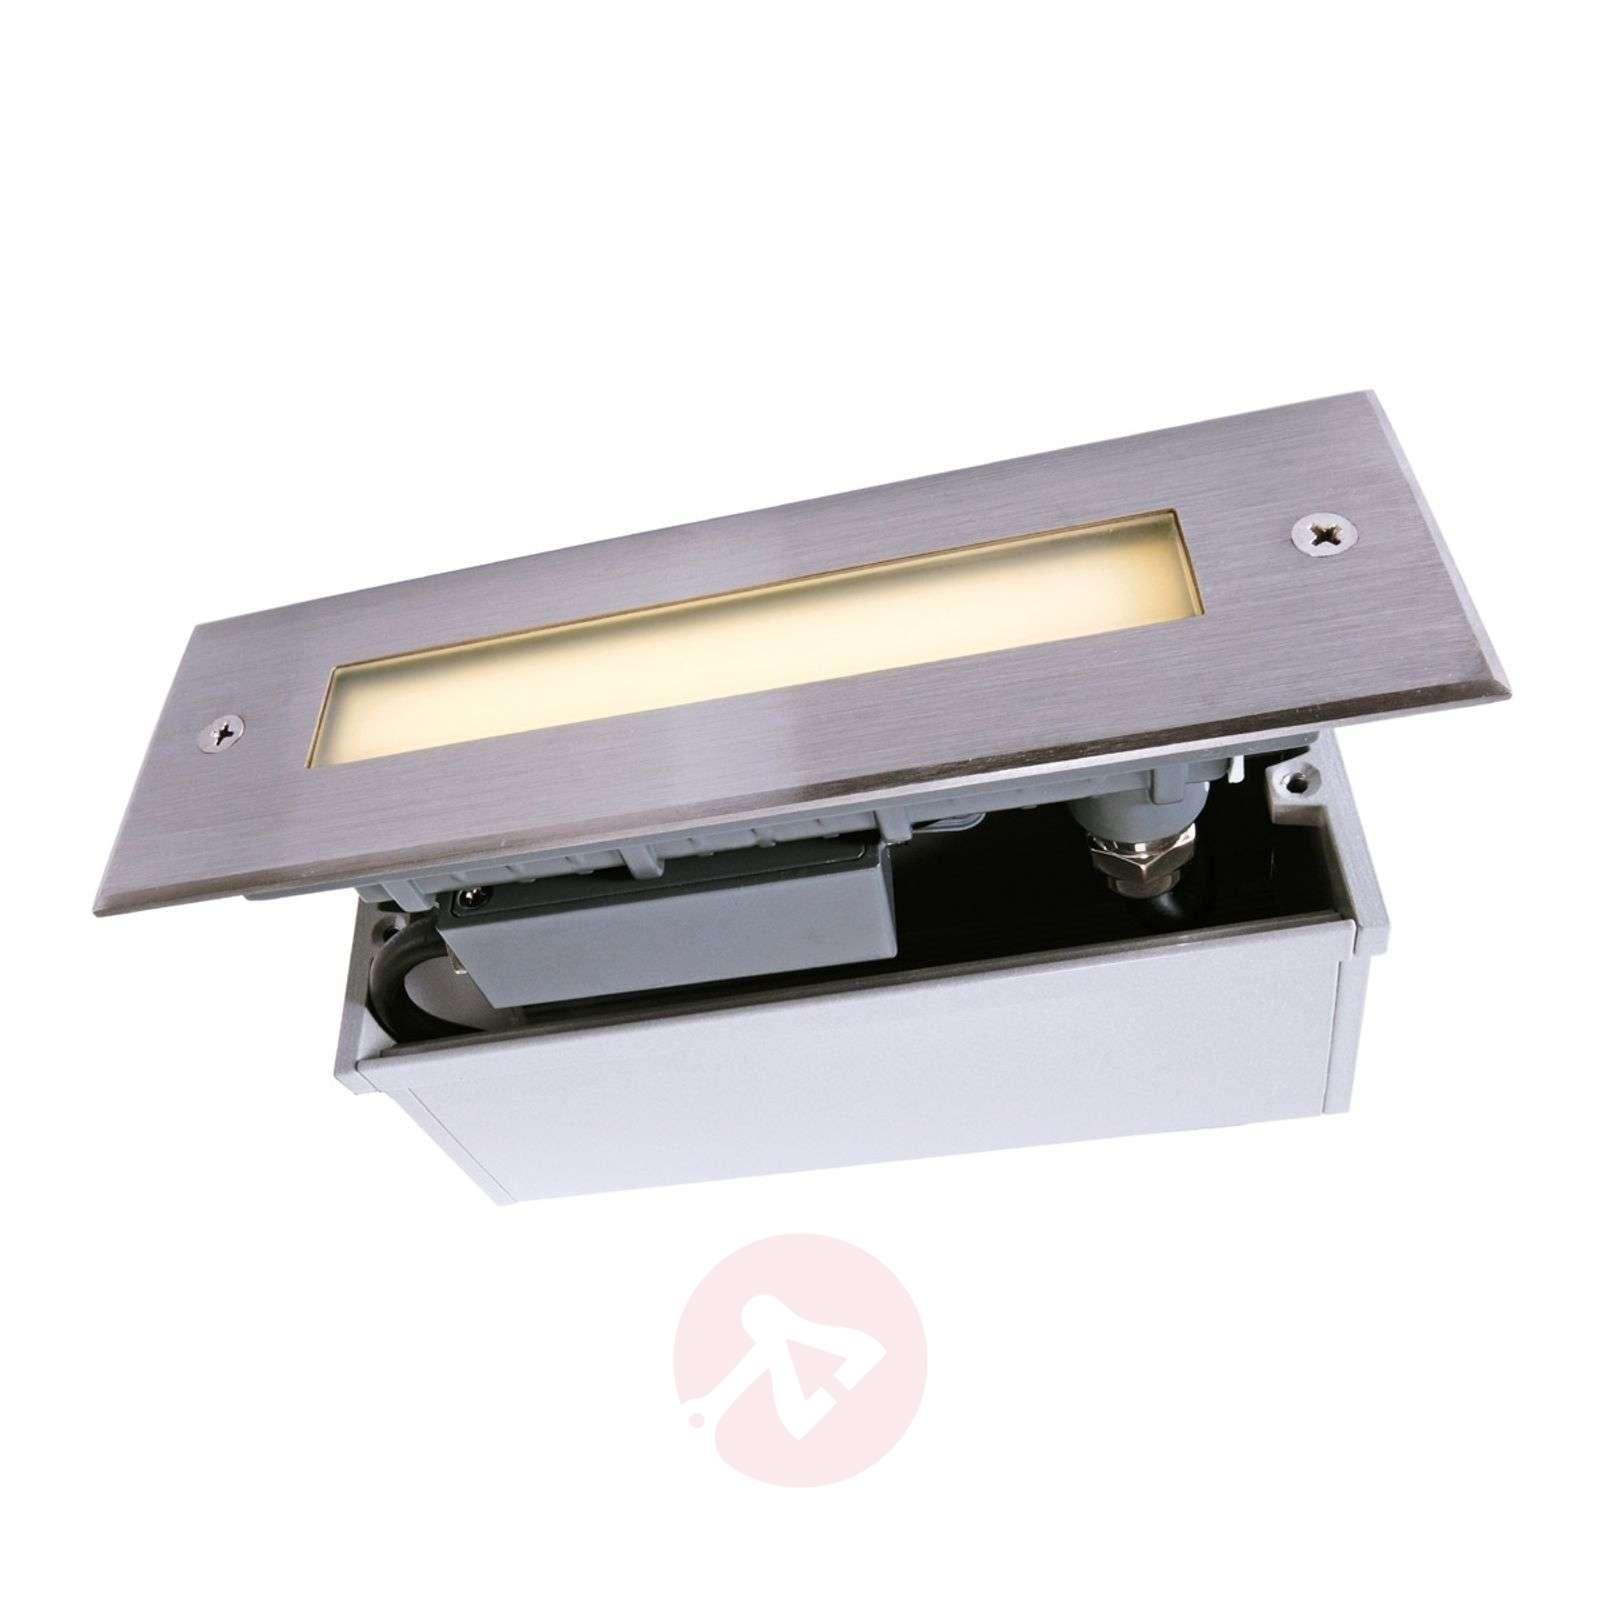 LED-lattiauppovalaisin Line, pituus 18,3 cm-2501955-01